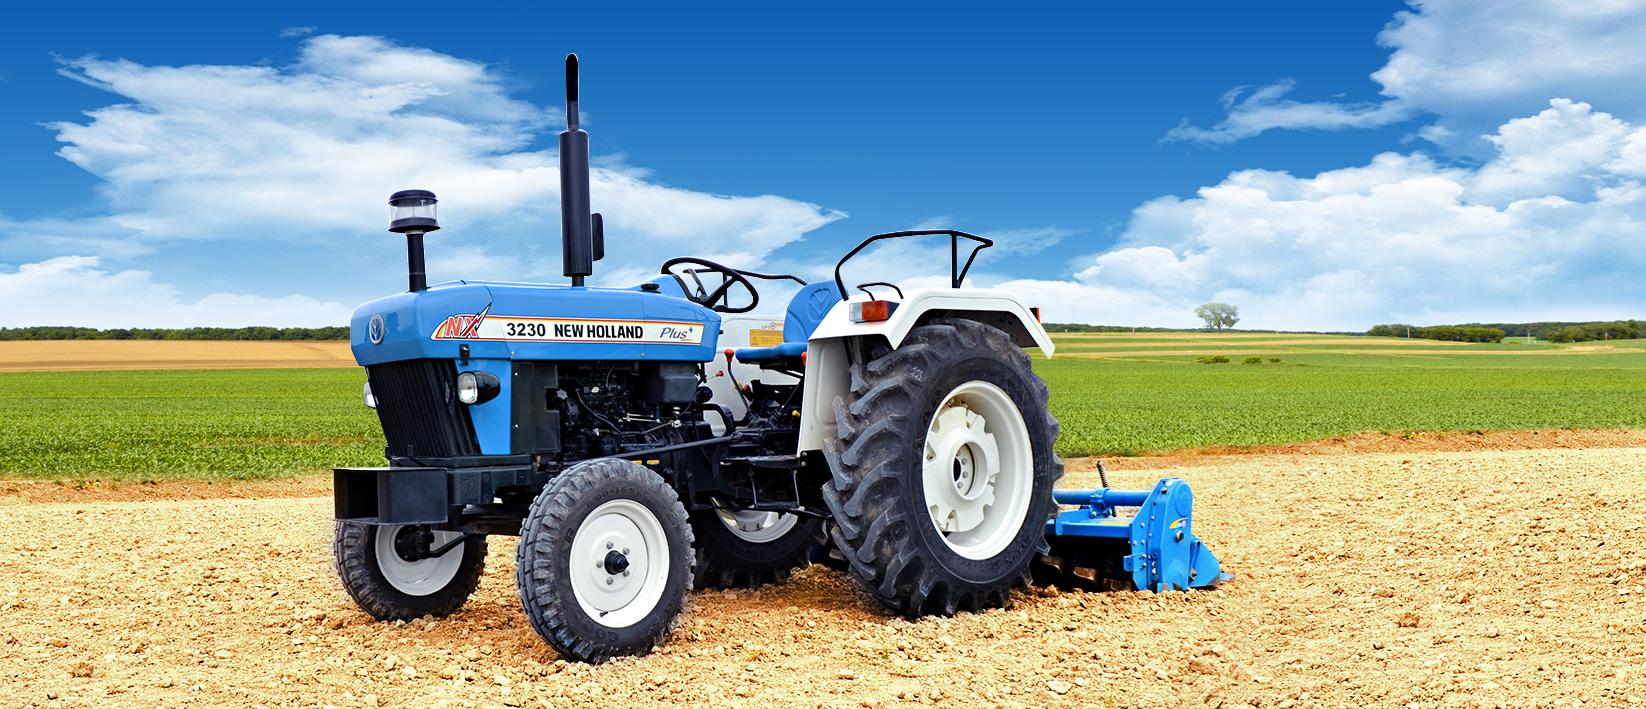 New Holland Tractors : ※new holland tractors price list india※